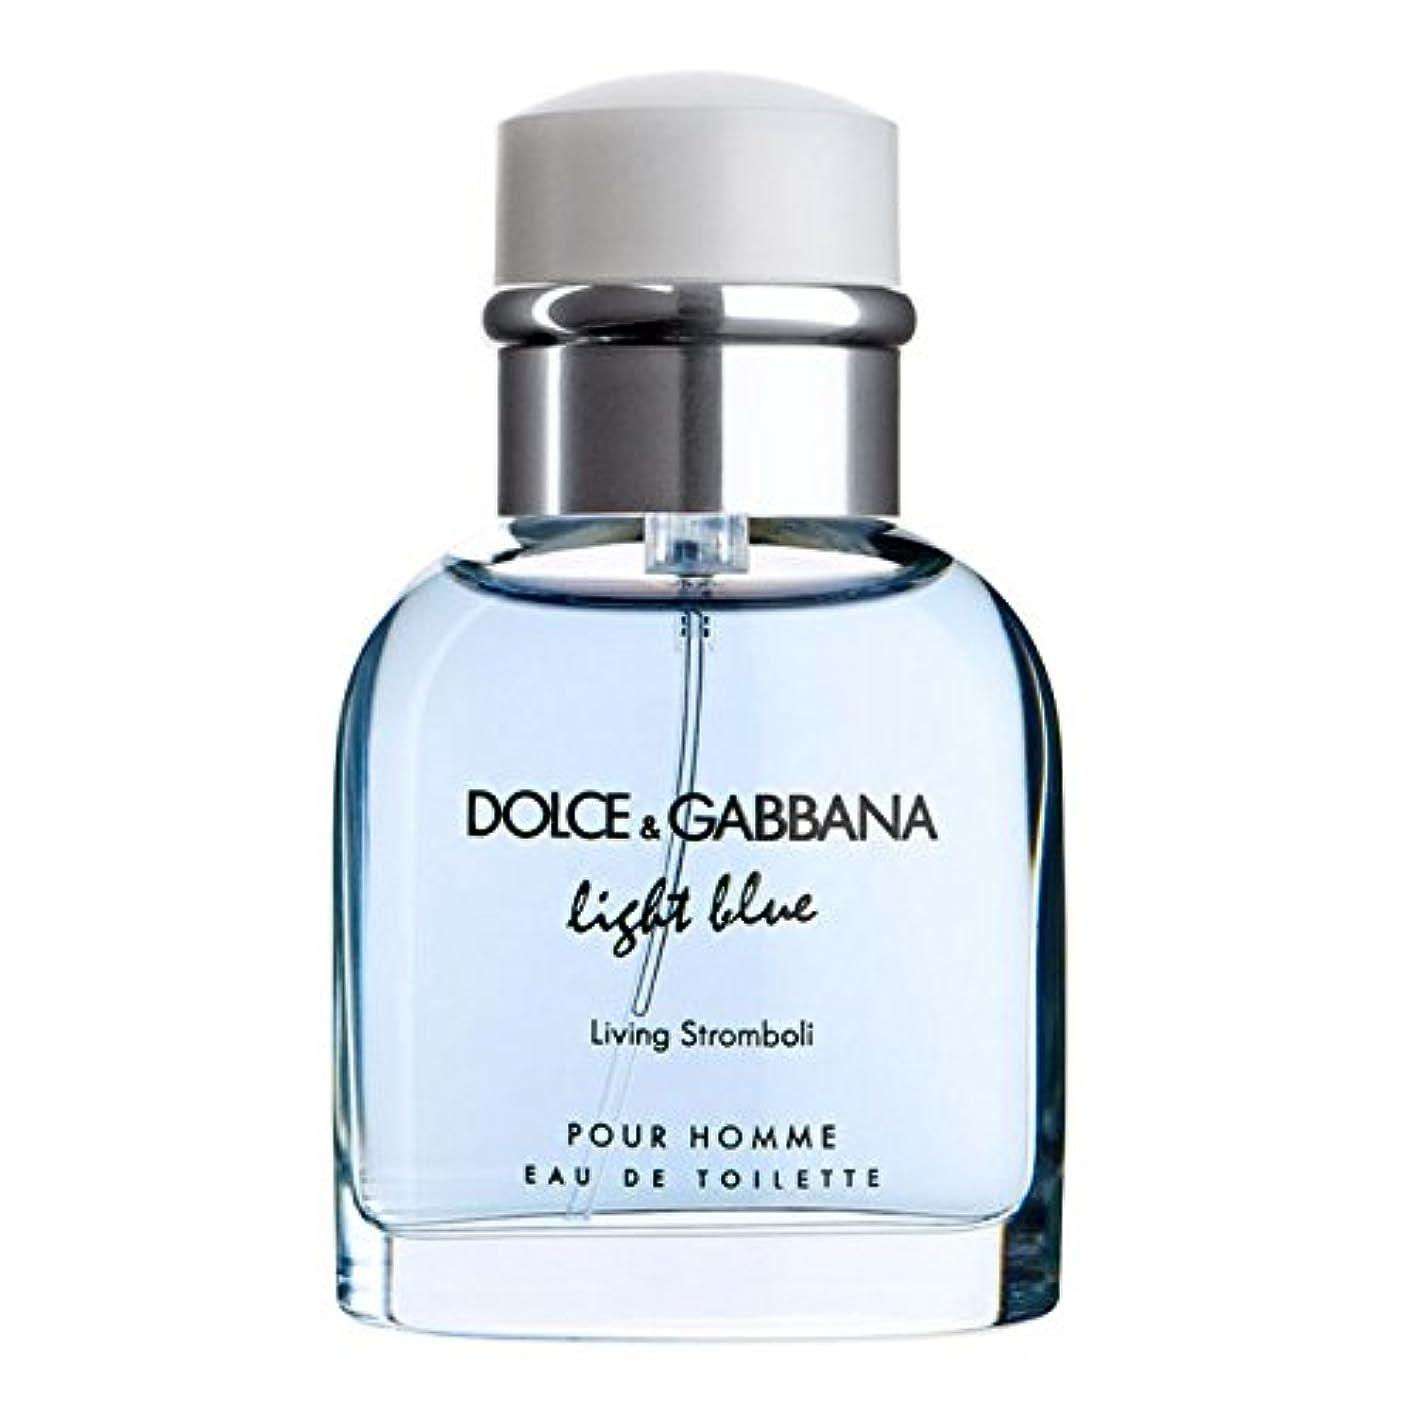 アルネ交通隣接するLight Blue Living Stromboli (ライトブルー リビングストロンボリ) 4.2 oz (126ml) EDT Spray by Dolce & Gabbana for Men